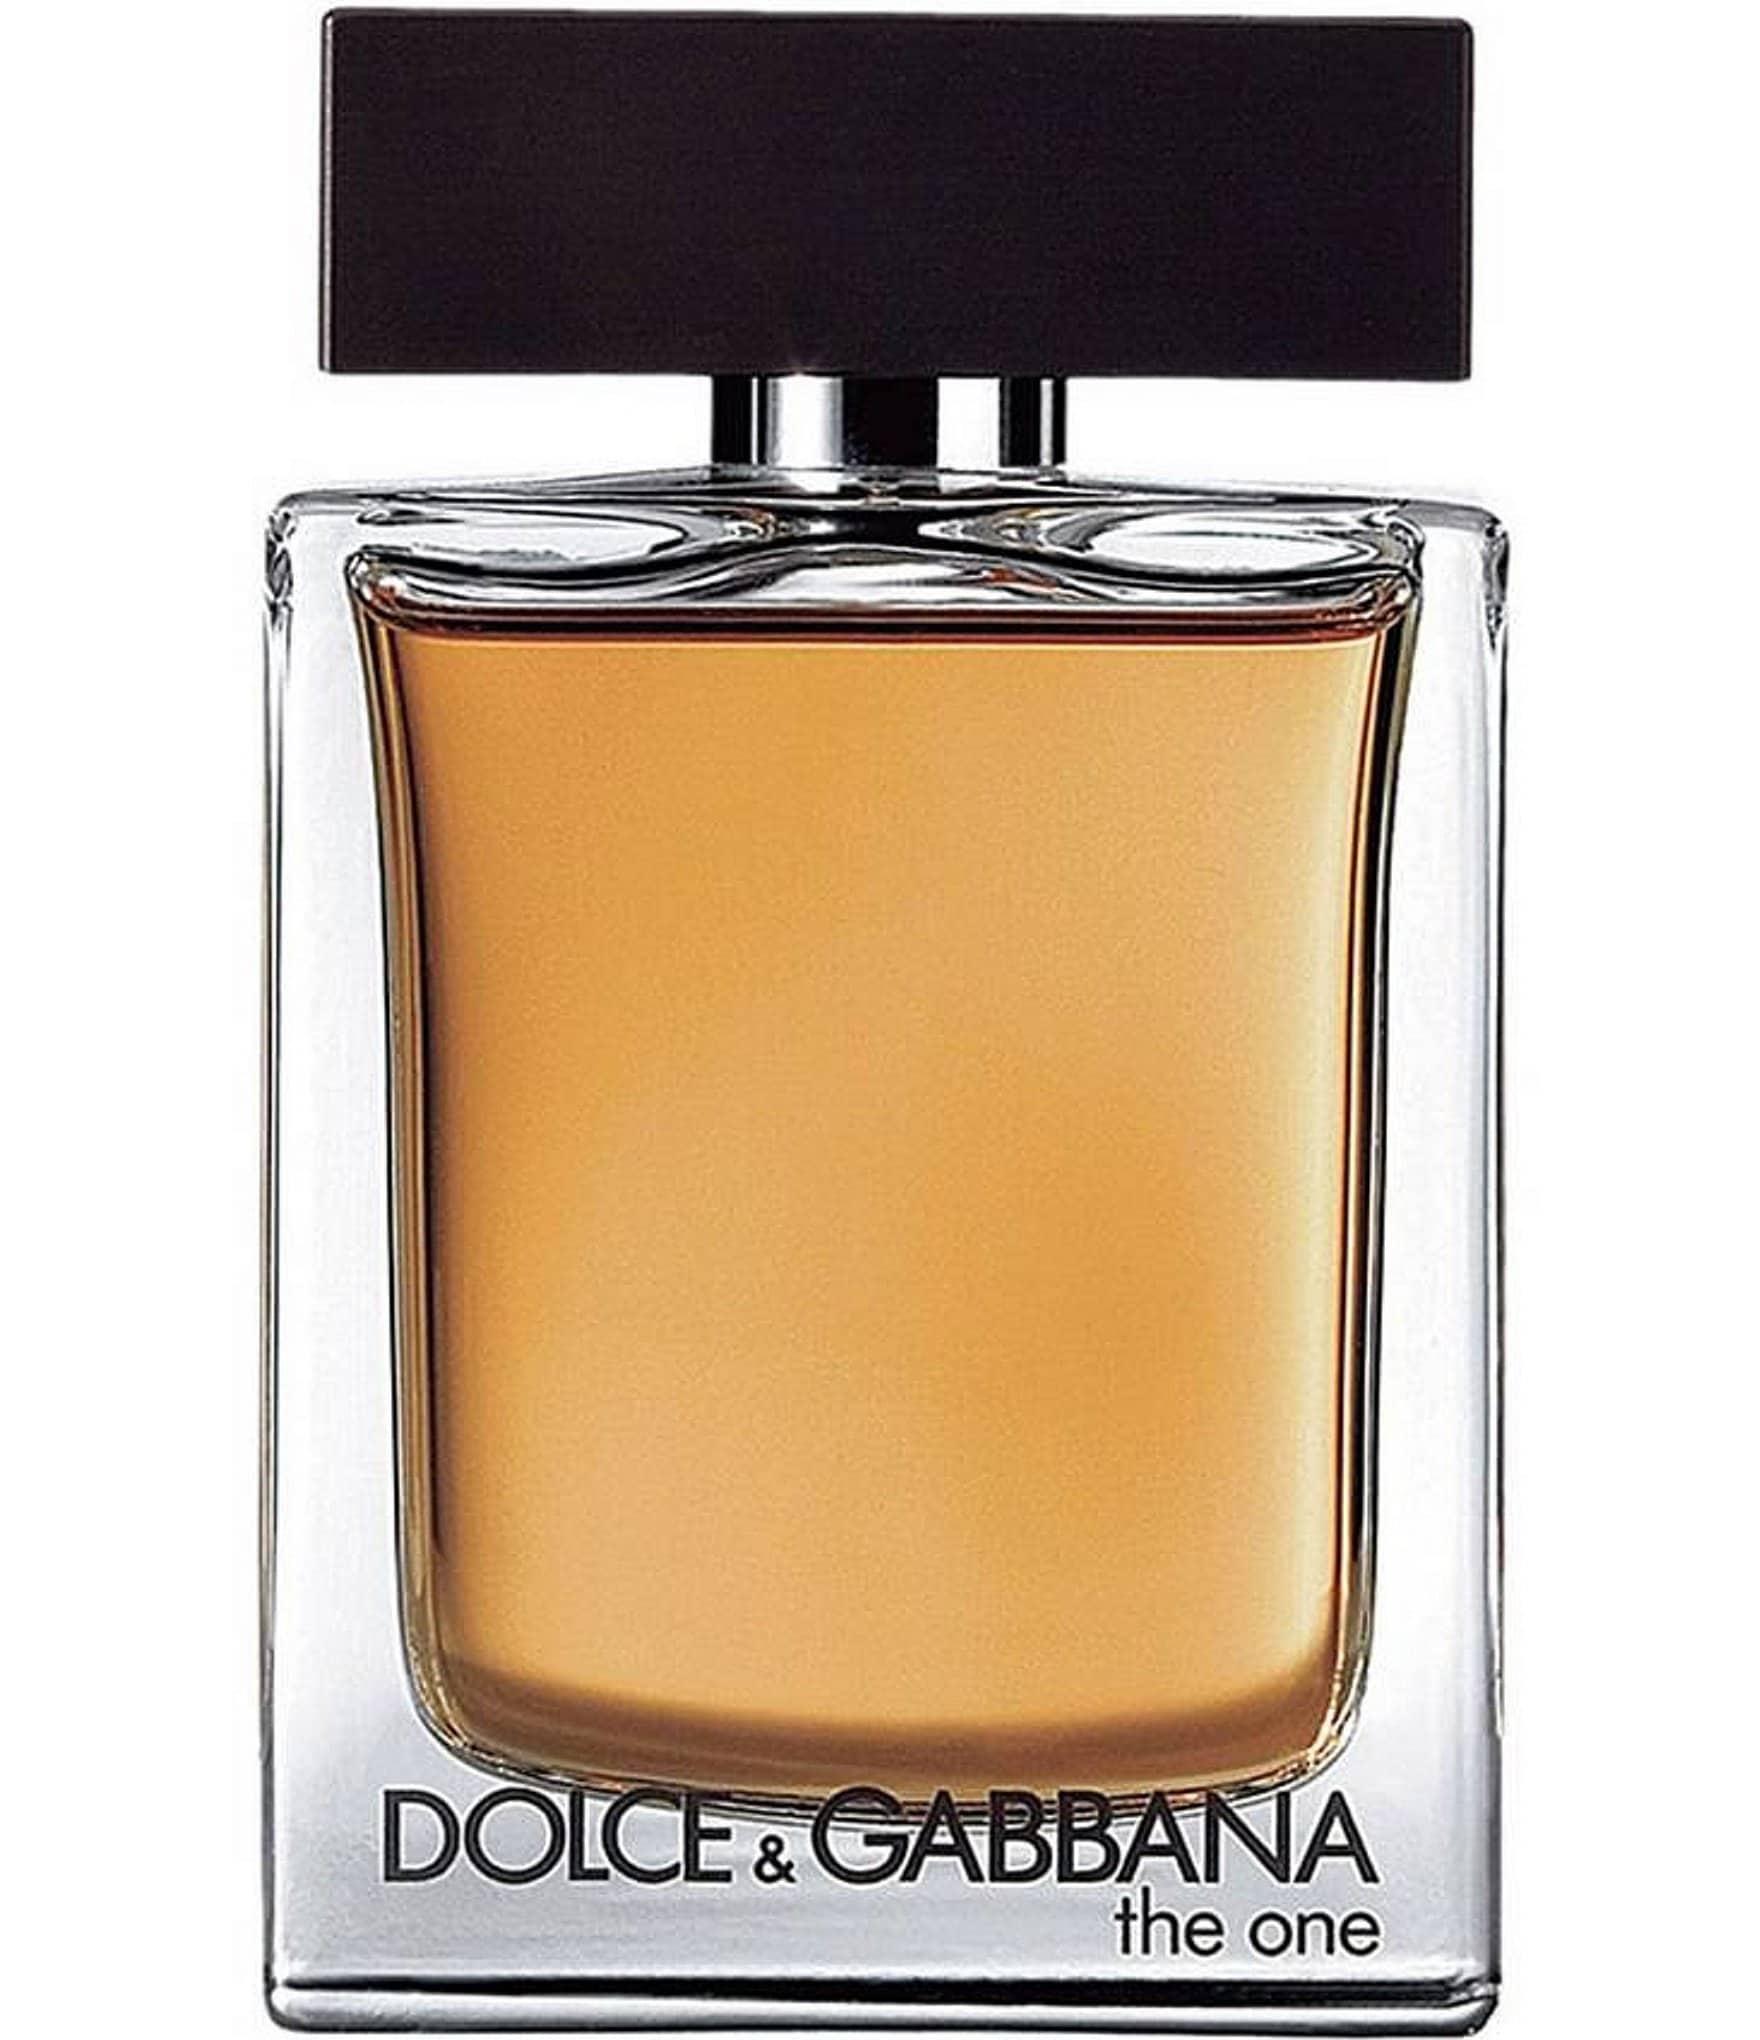 dolce gabbana the one for men after shave lotion dillards. Black Bedroom Furniture Sets. Home Design Ideas